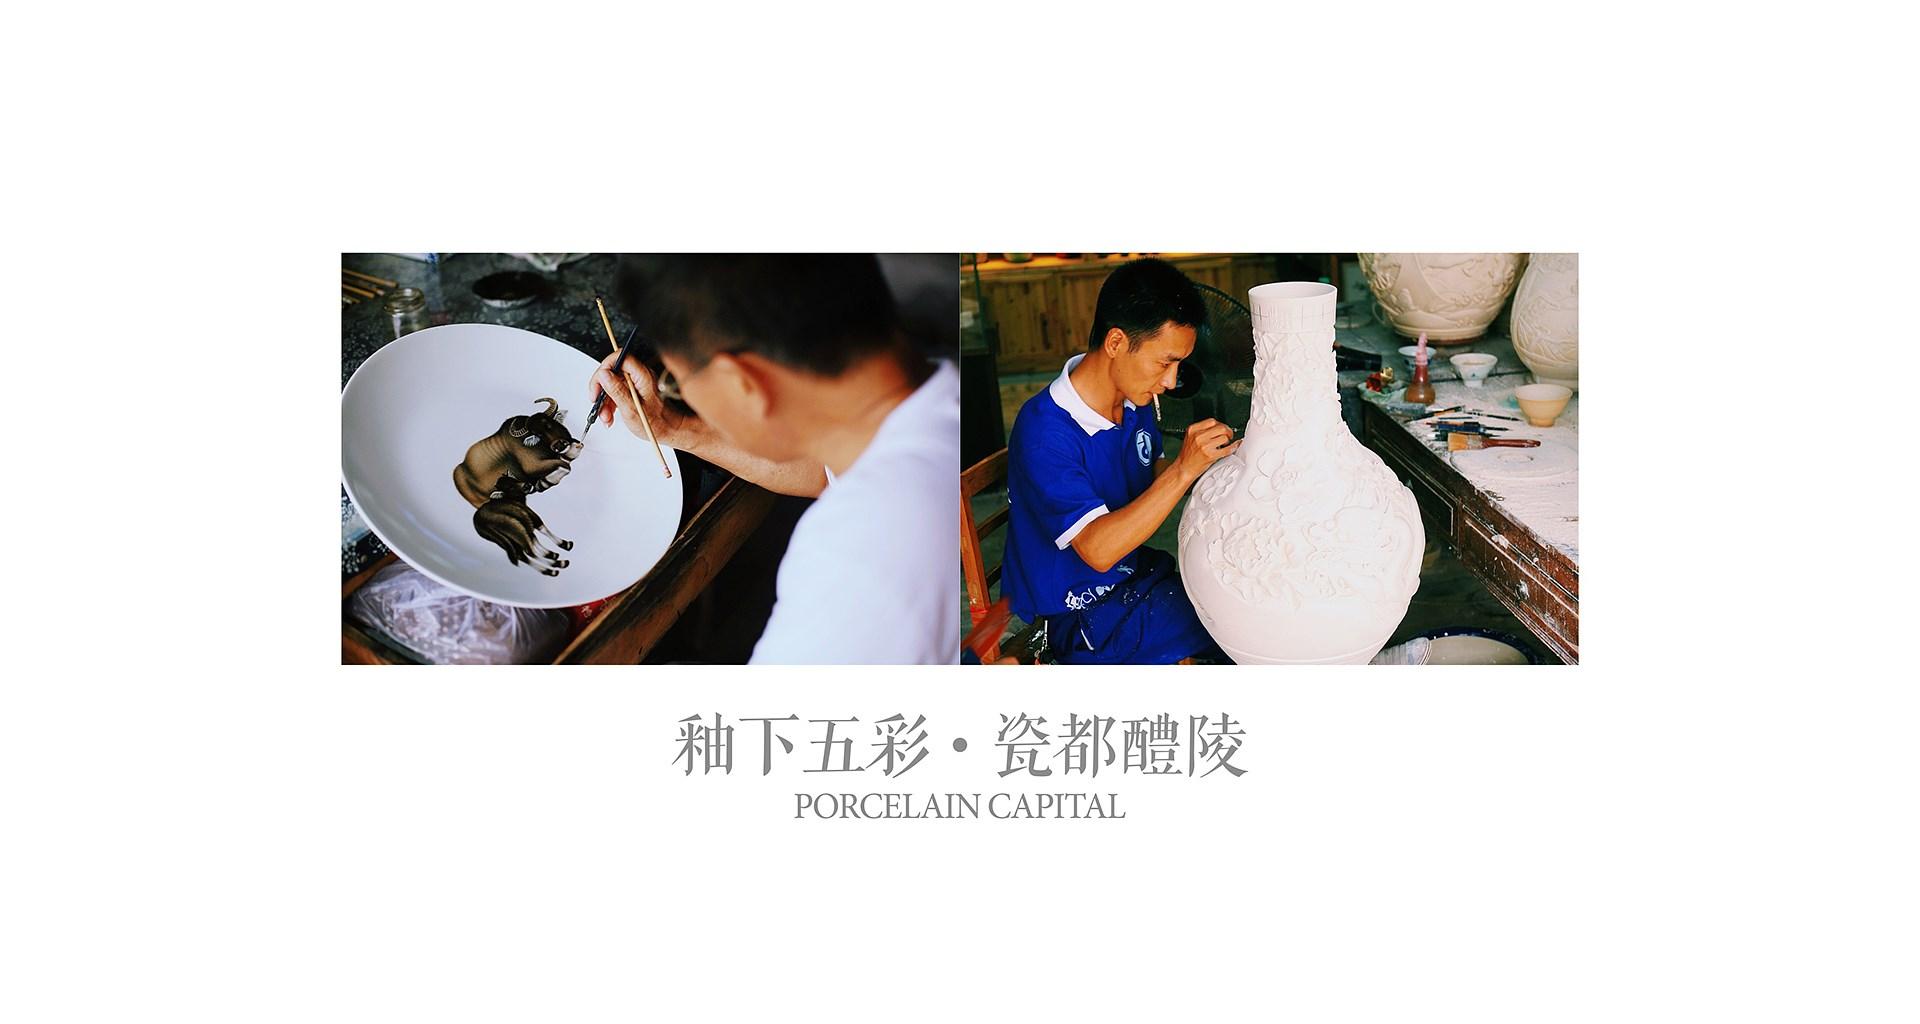 醴陵瓷器_0005.JPG